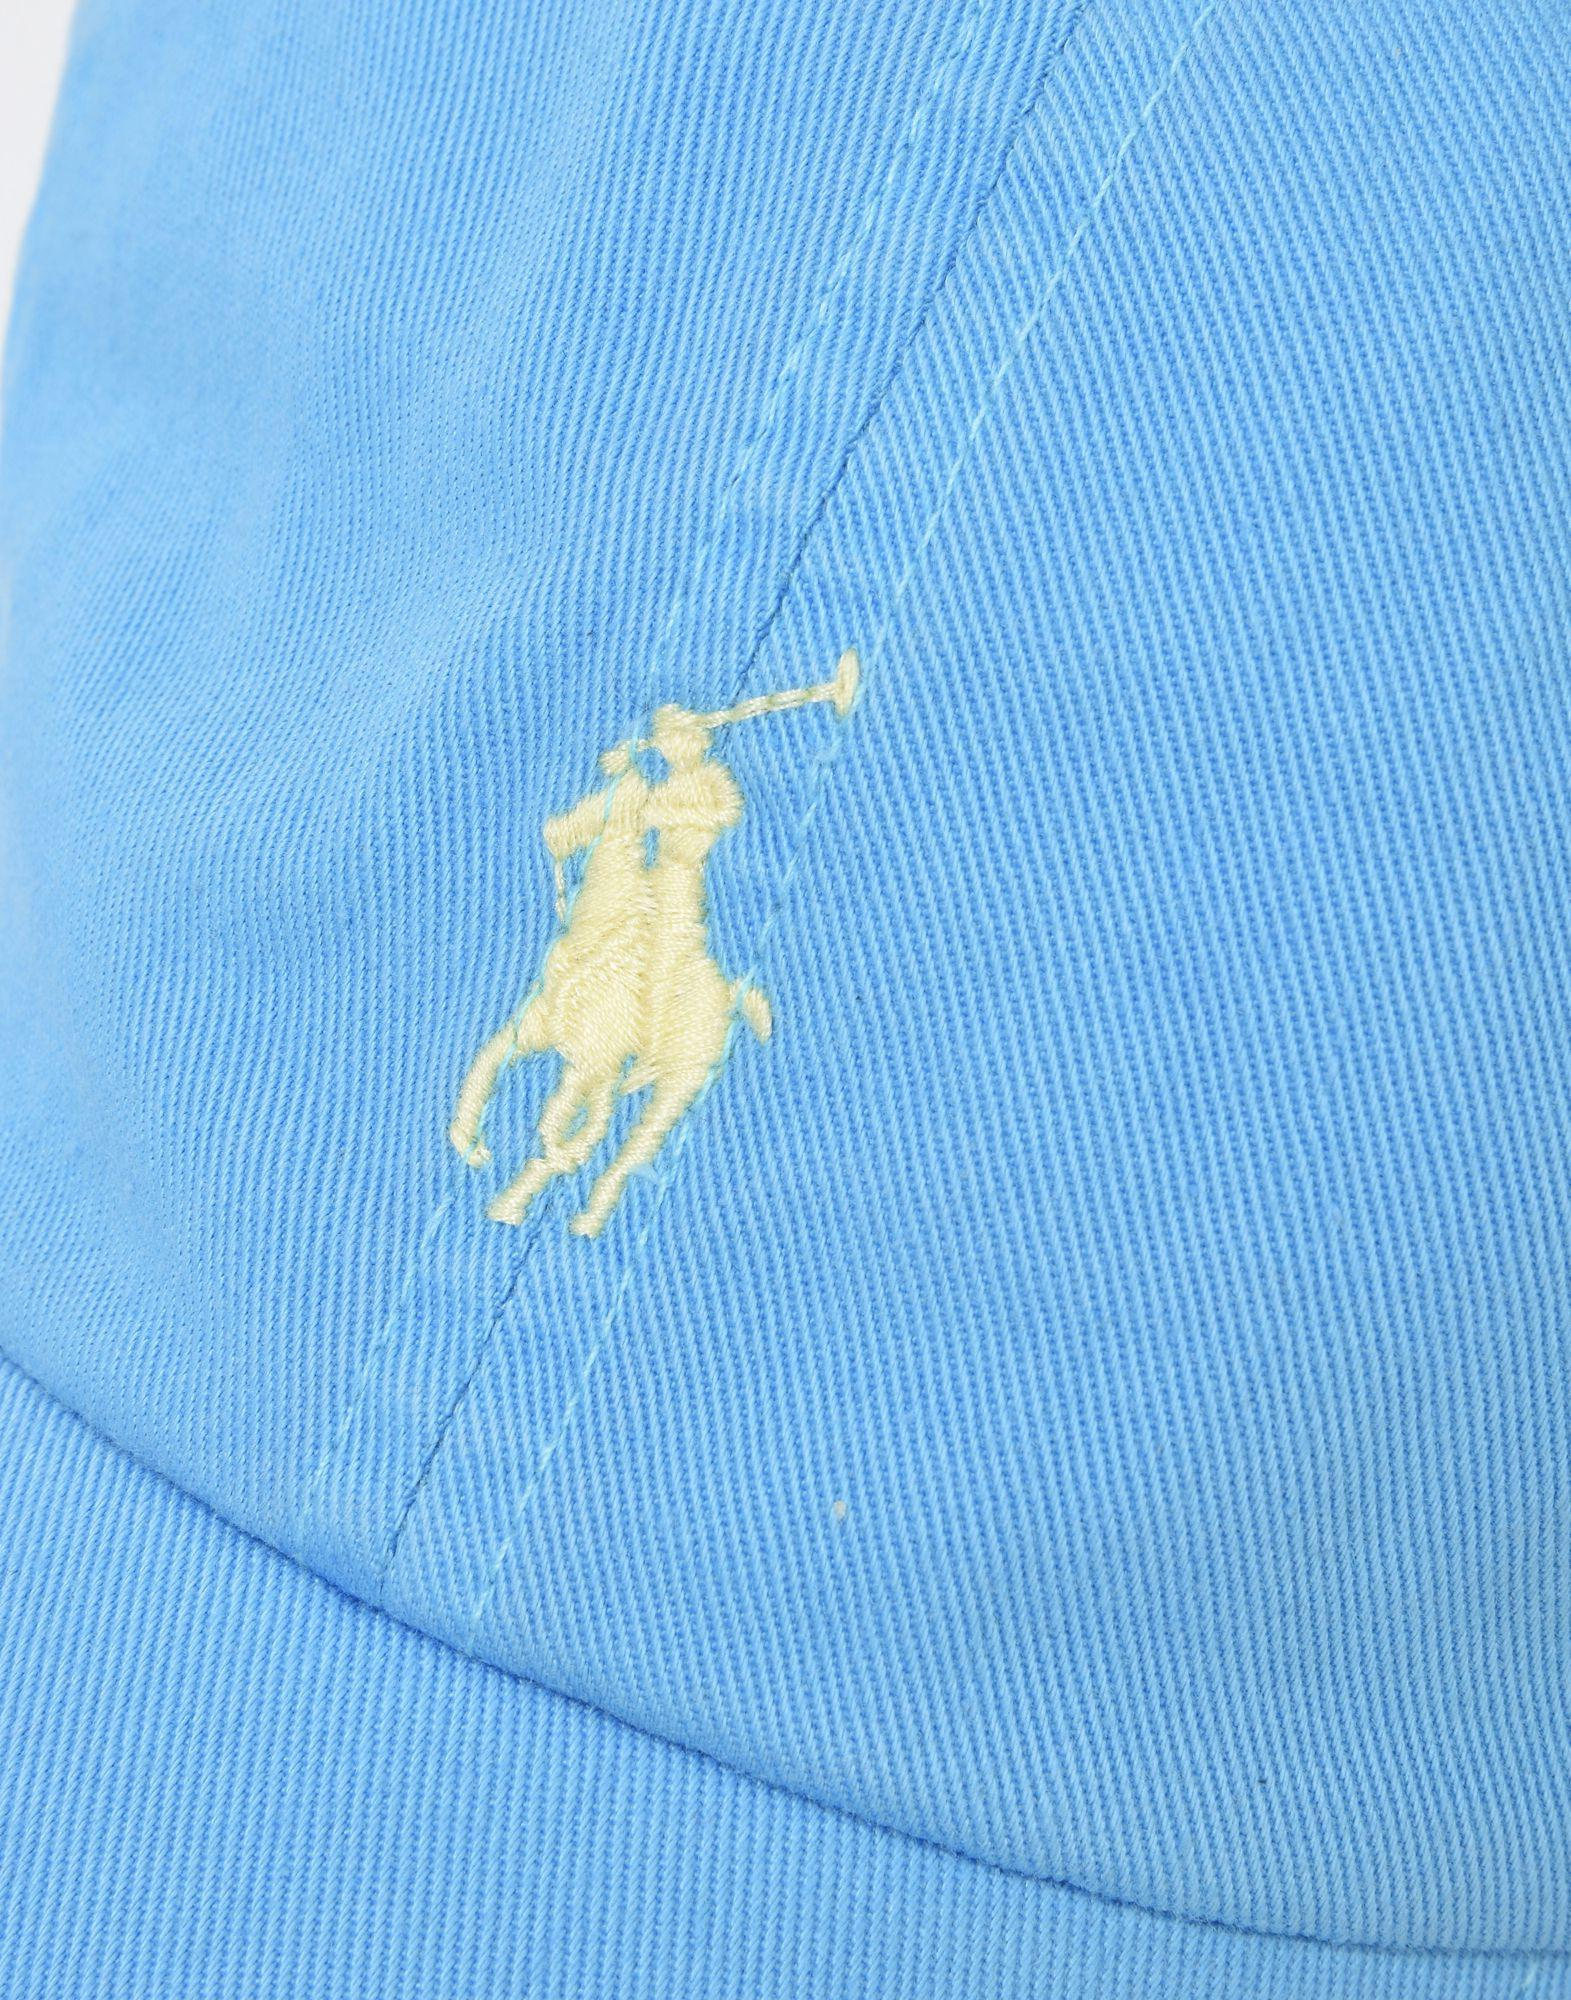 Lyst - Chapeau Polo Ralph Lauren pour homme en coloris Bleu c9824b3942c